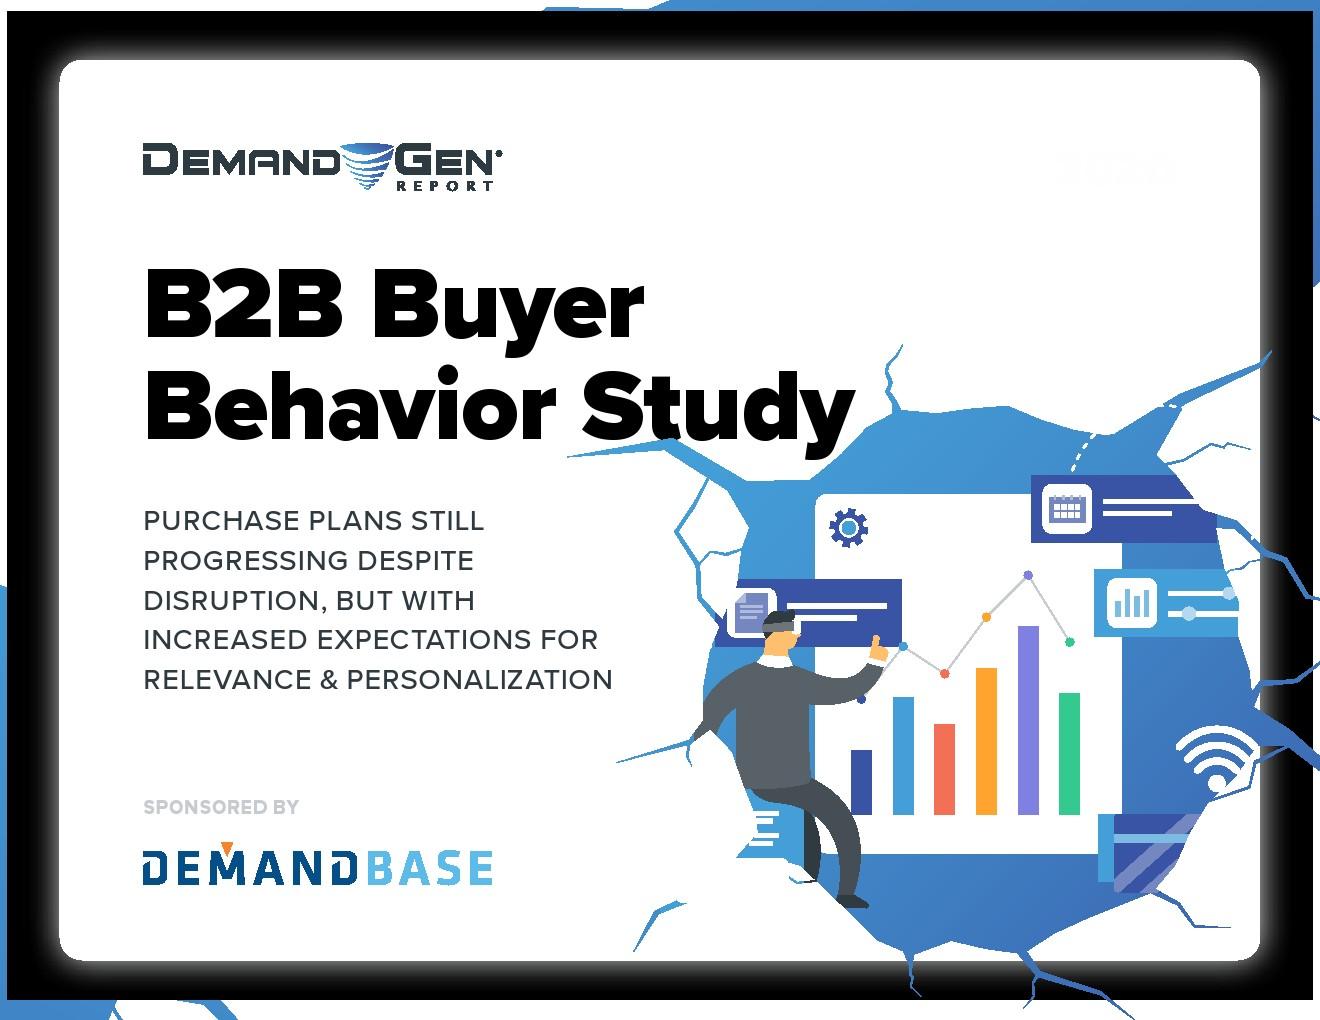 DemandGen:B2B买家行为调查报告